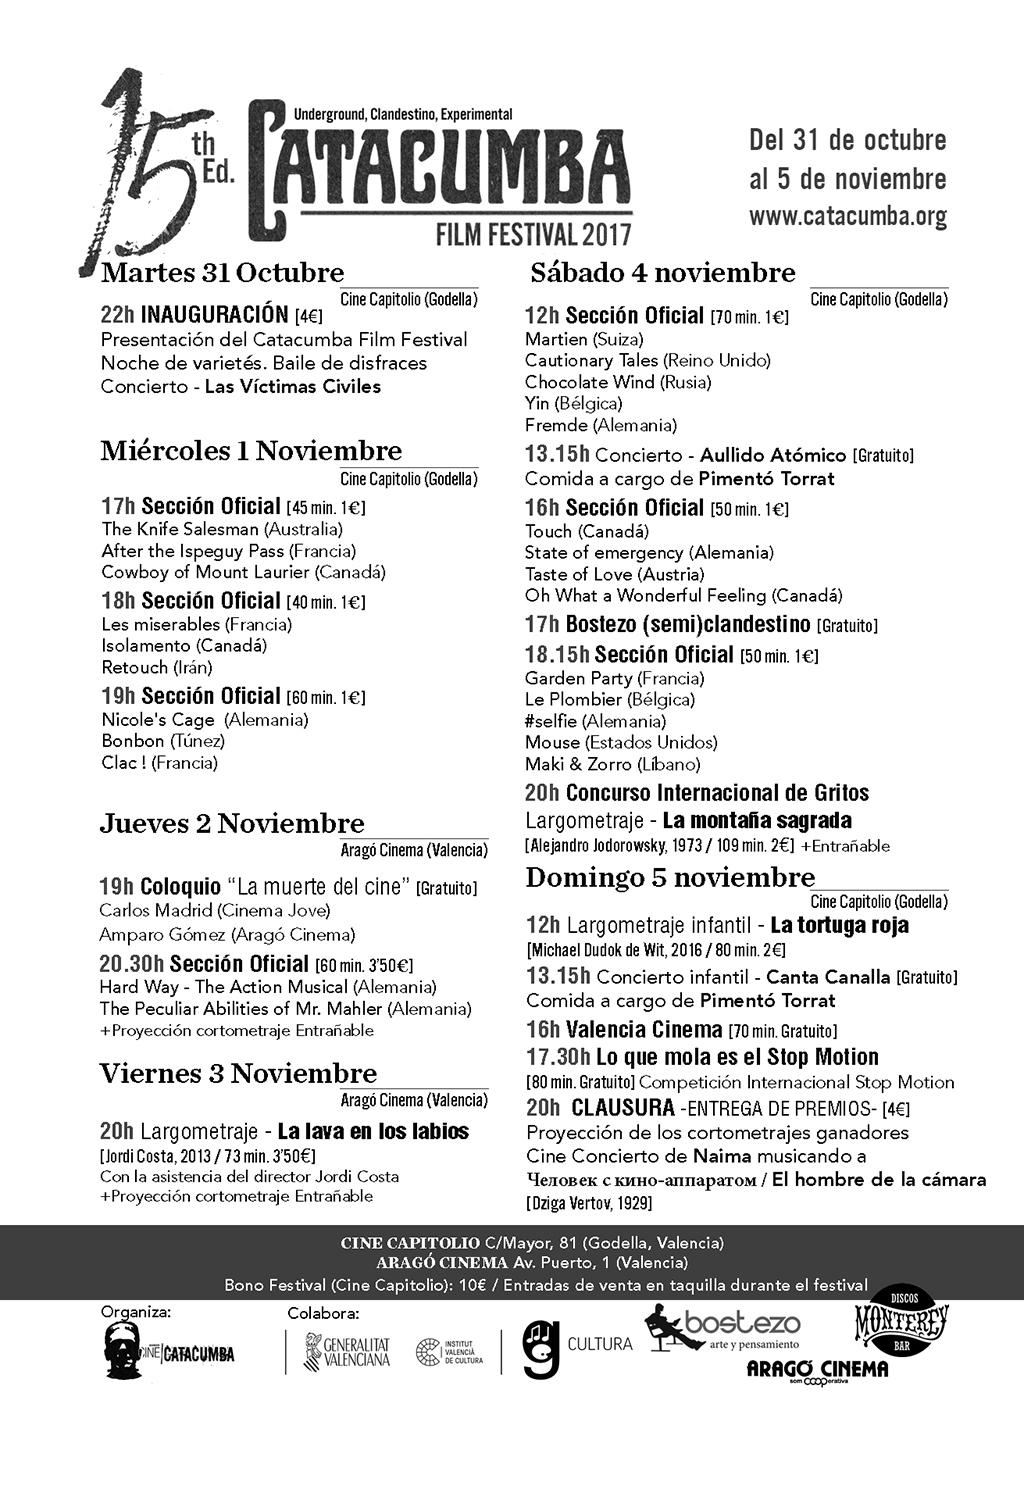 Catacumba Film Festival 2017 pgm.lecoolvalencia